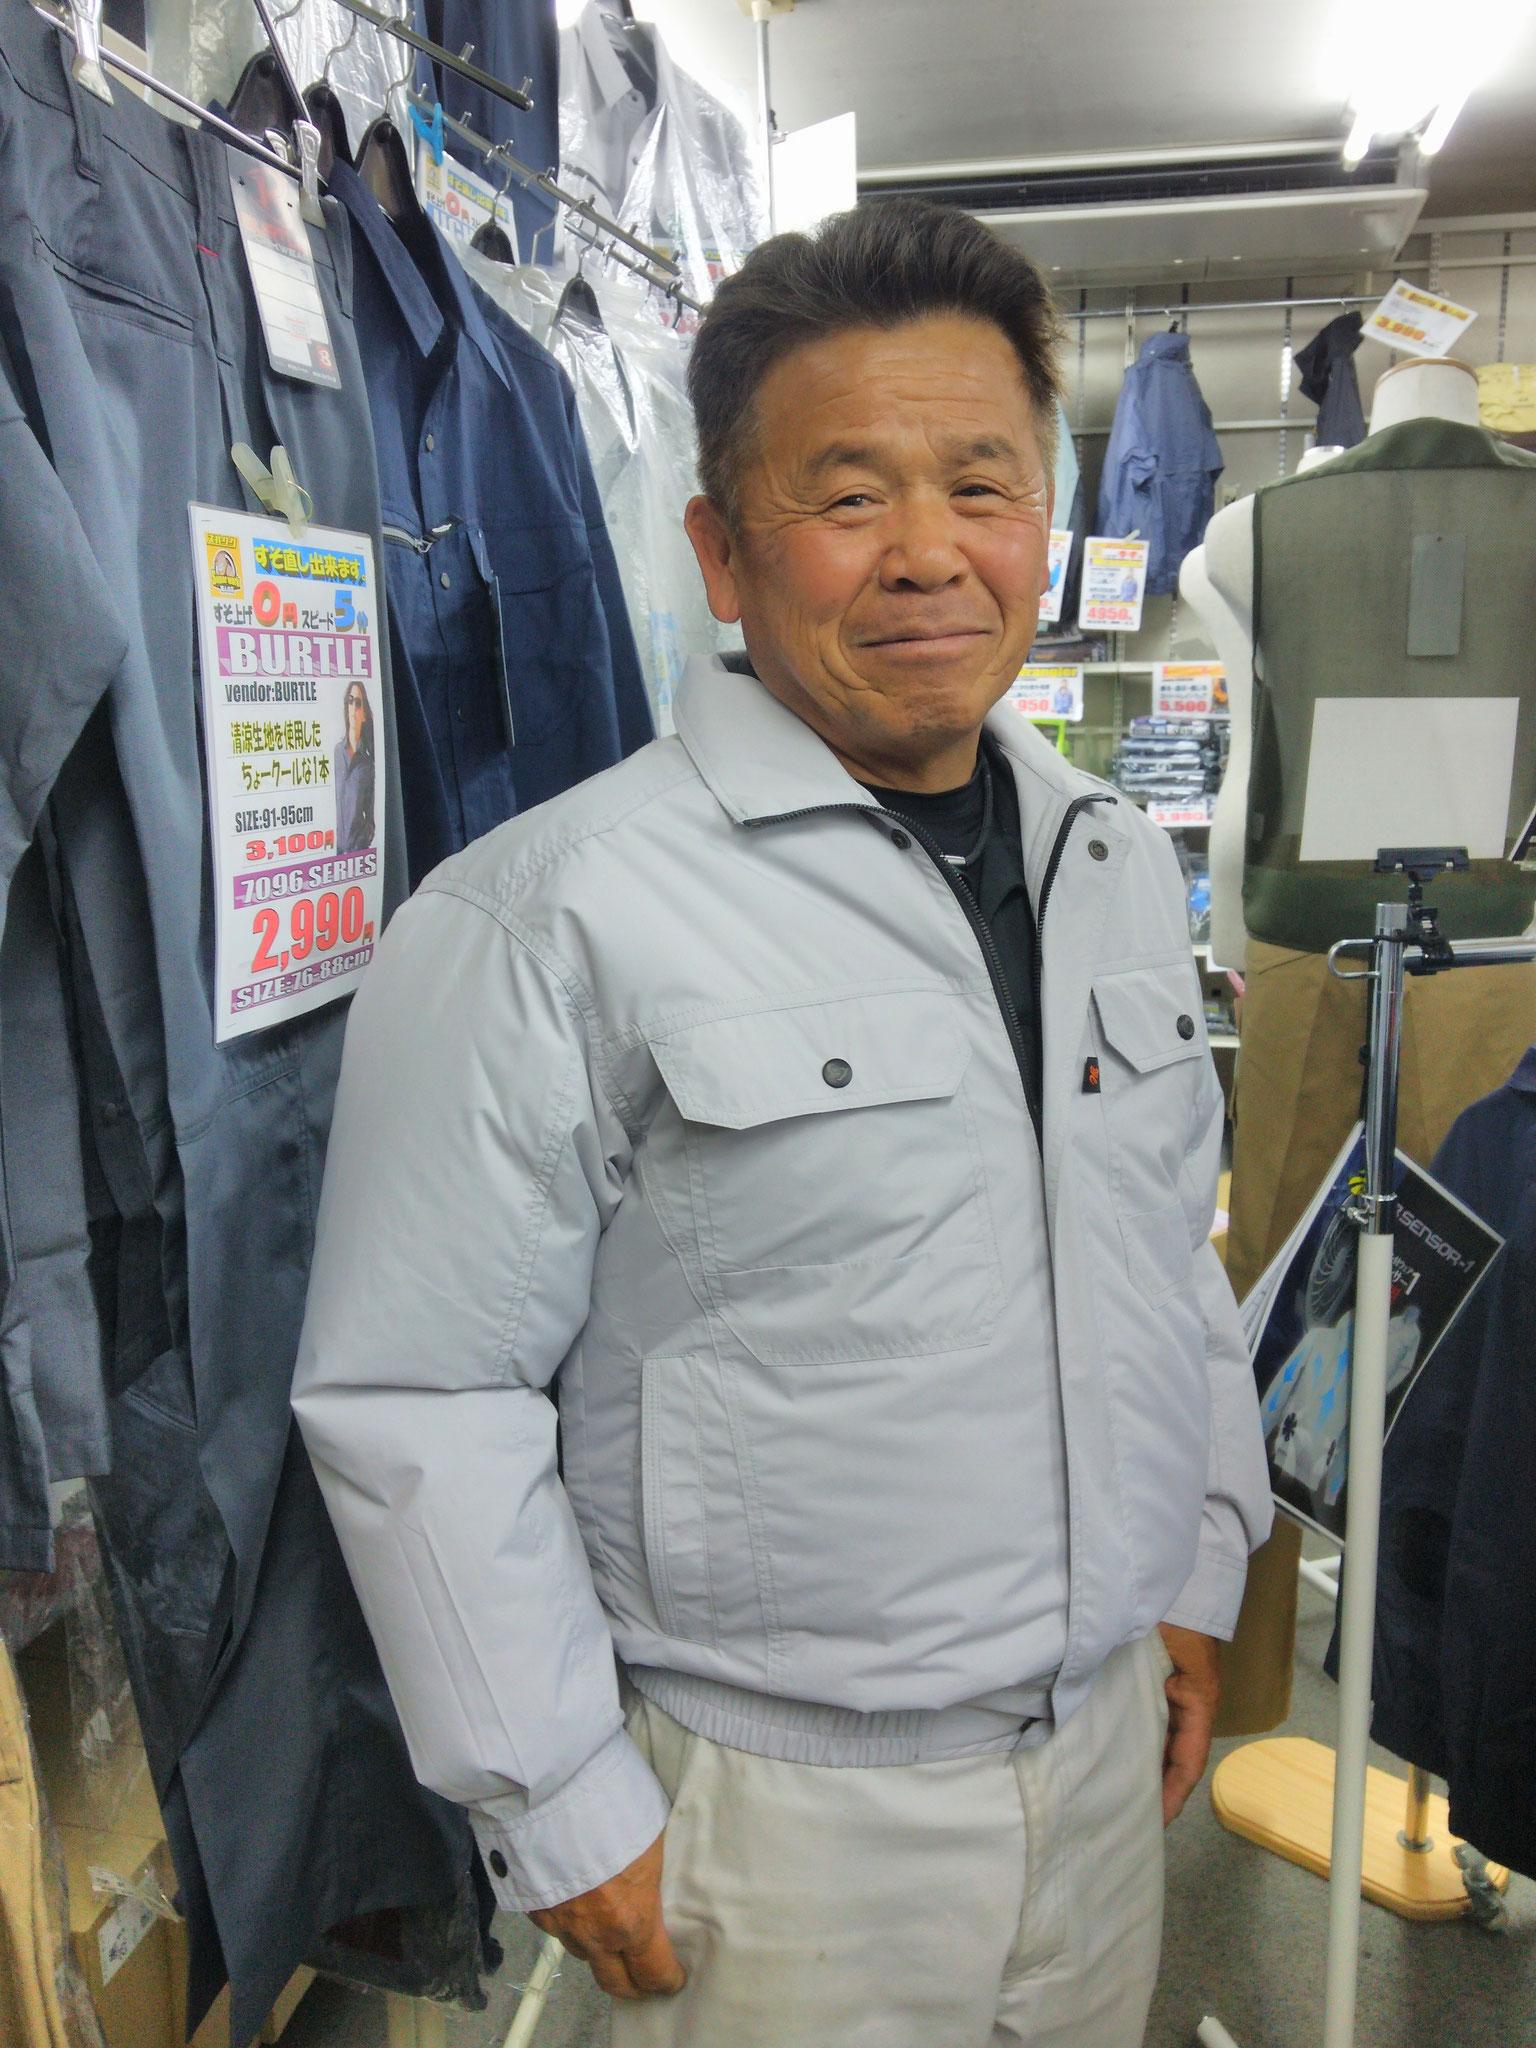 福山市加茂町 吉岡造園 吉岡社長 様 鳳皇のV733302空調服を、ご購入頂きました。